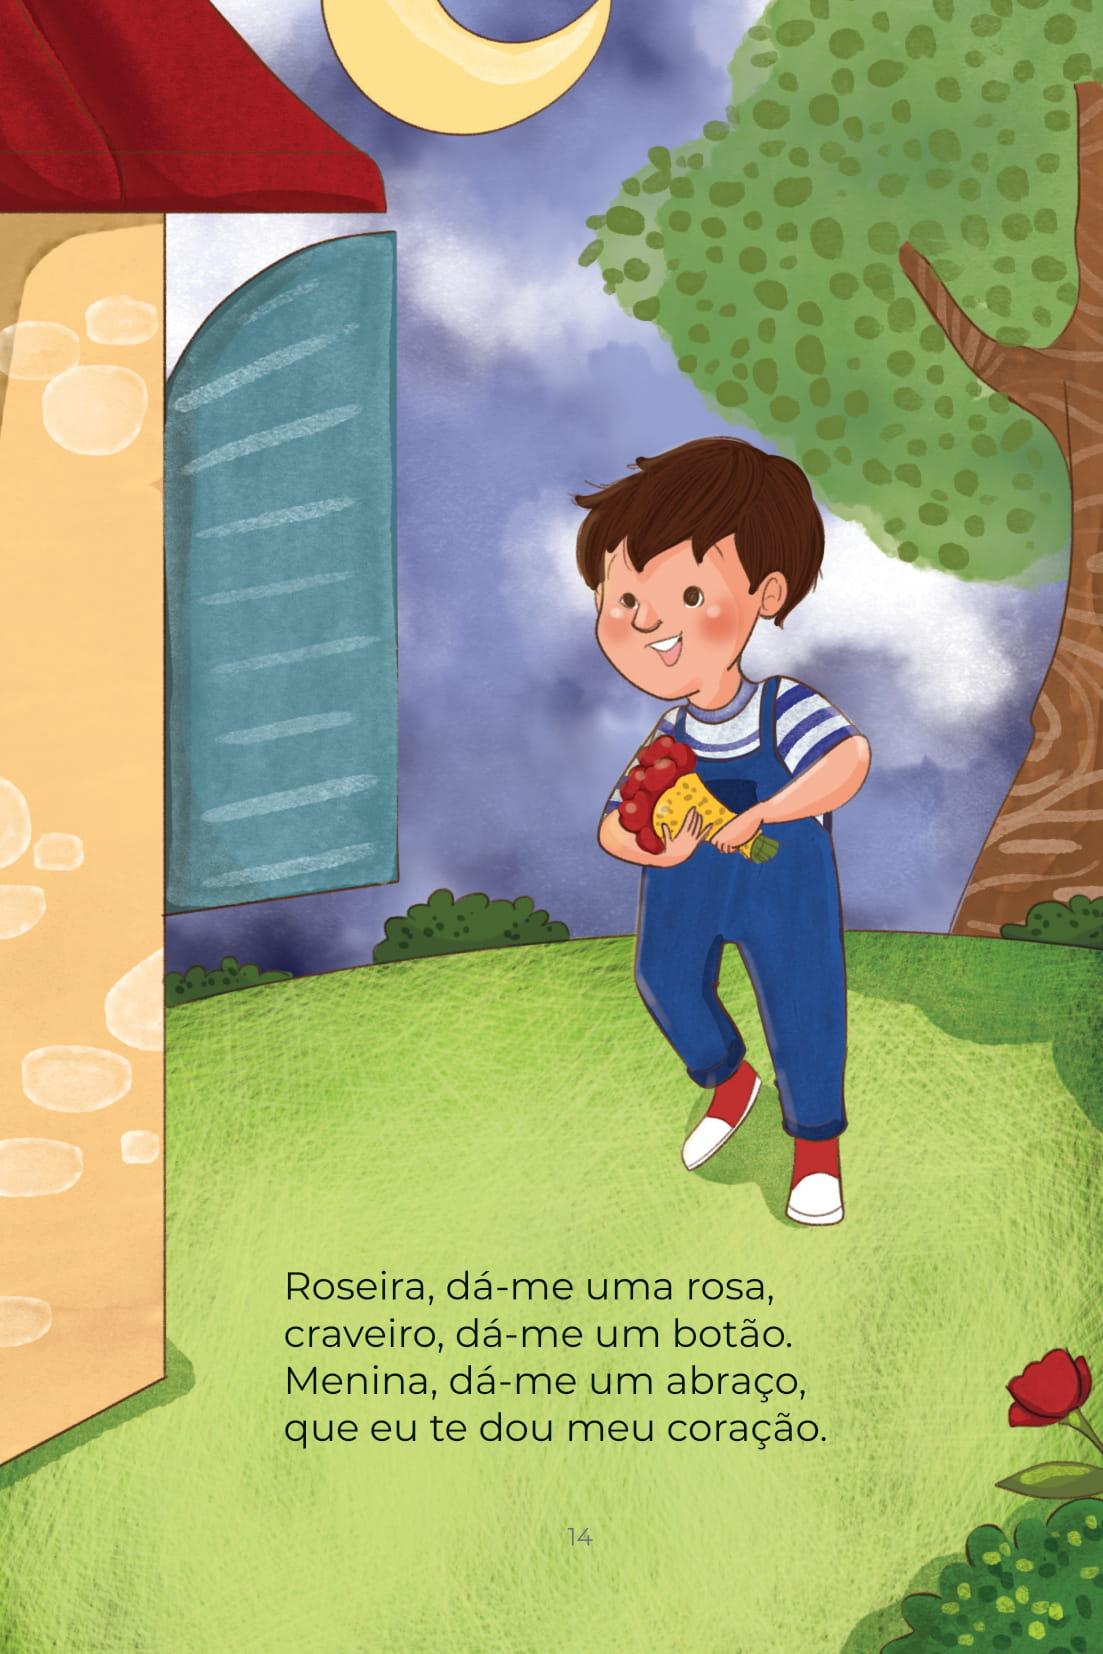 Roseira, dá-me uma rosa, craveiro, dá-me um botão. Menina, dá-me um abraço, que eu te dou meu coração.